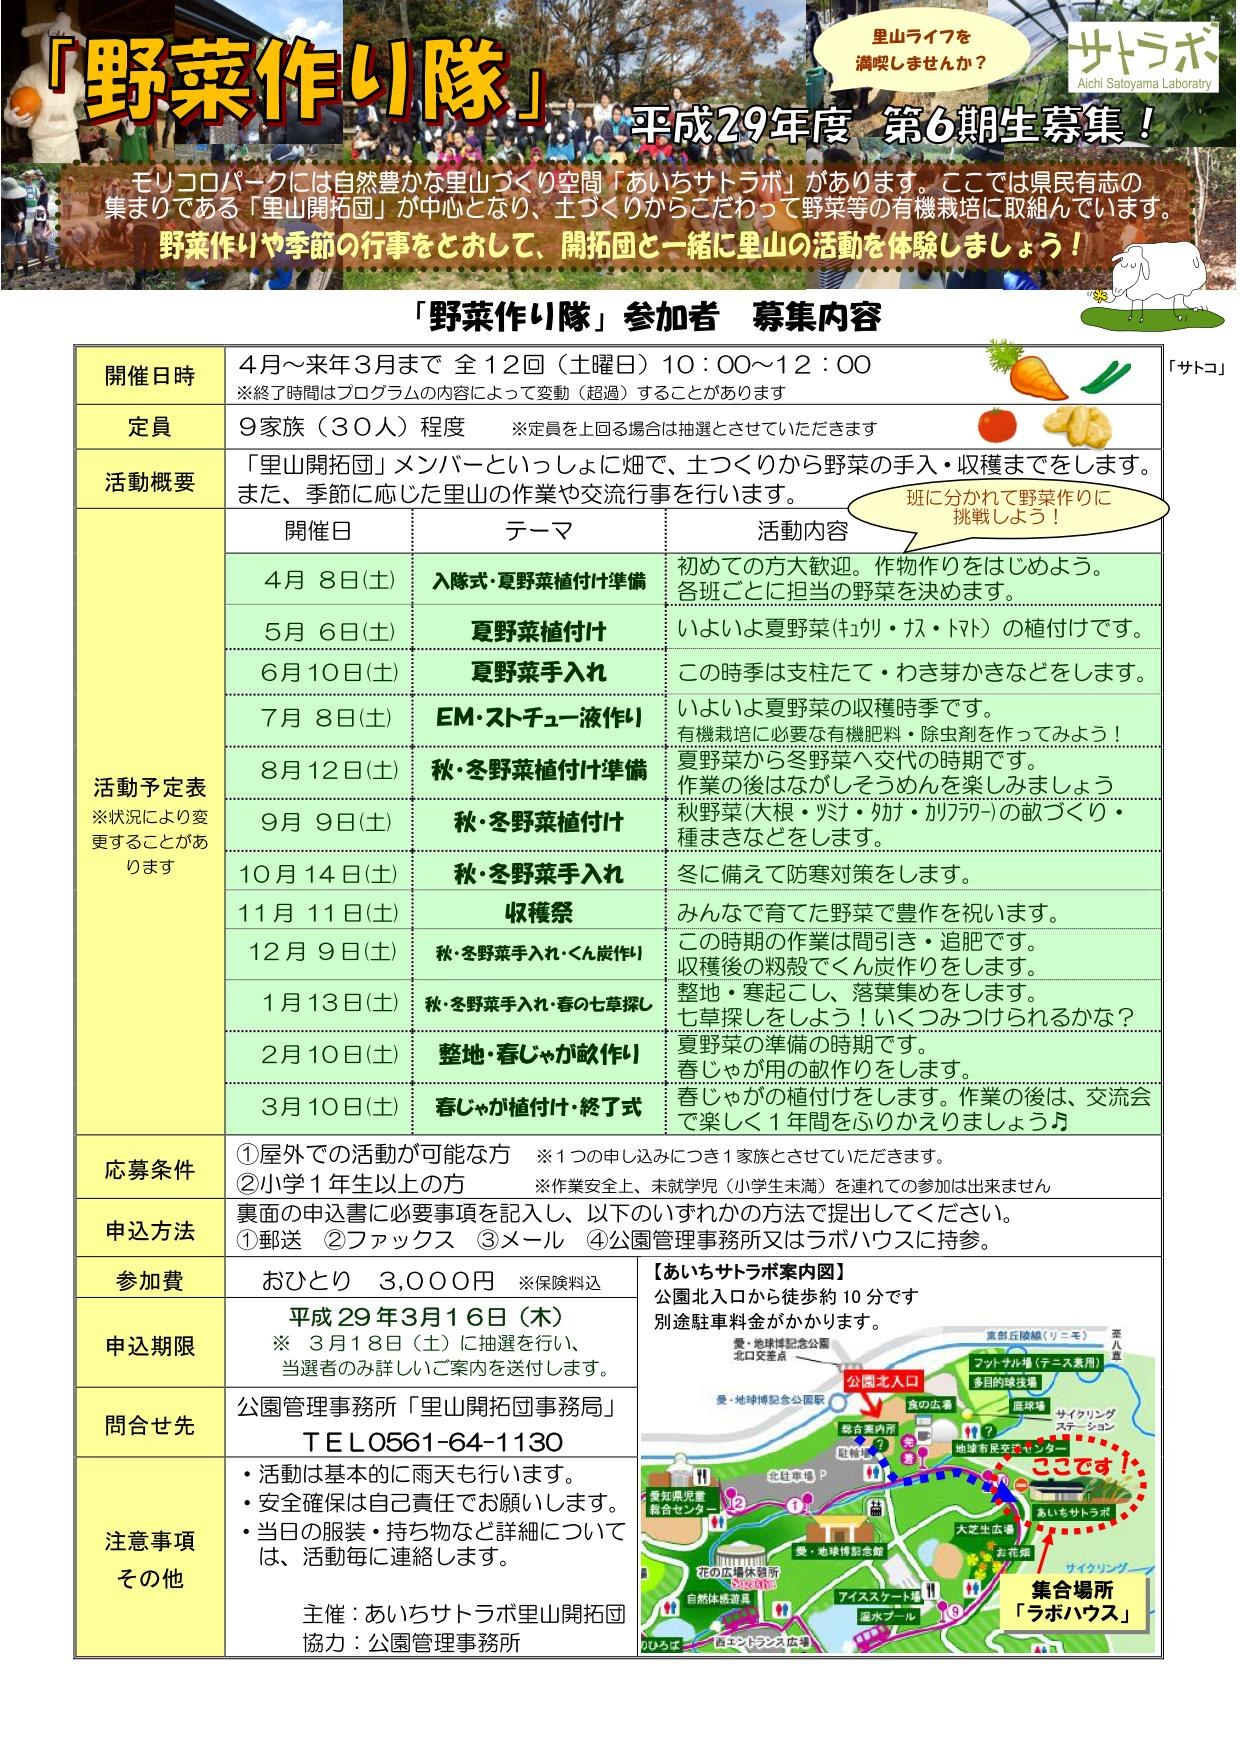 【募-1】H29 野菜作り隊会員募集_案_20170103版_02